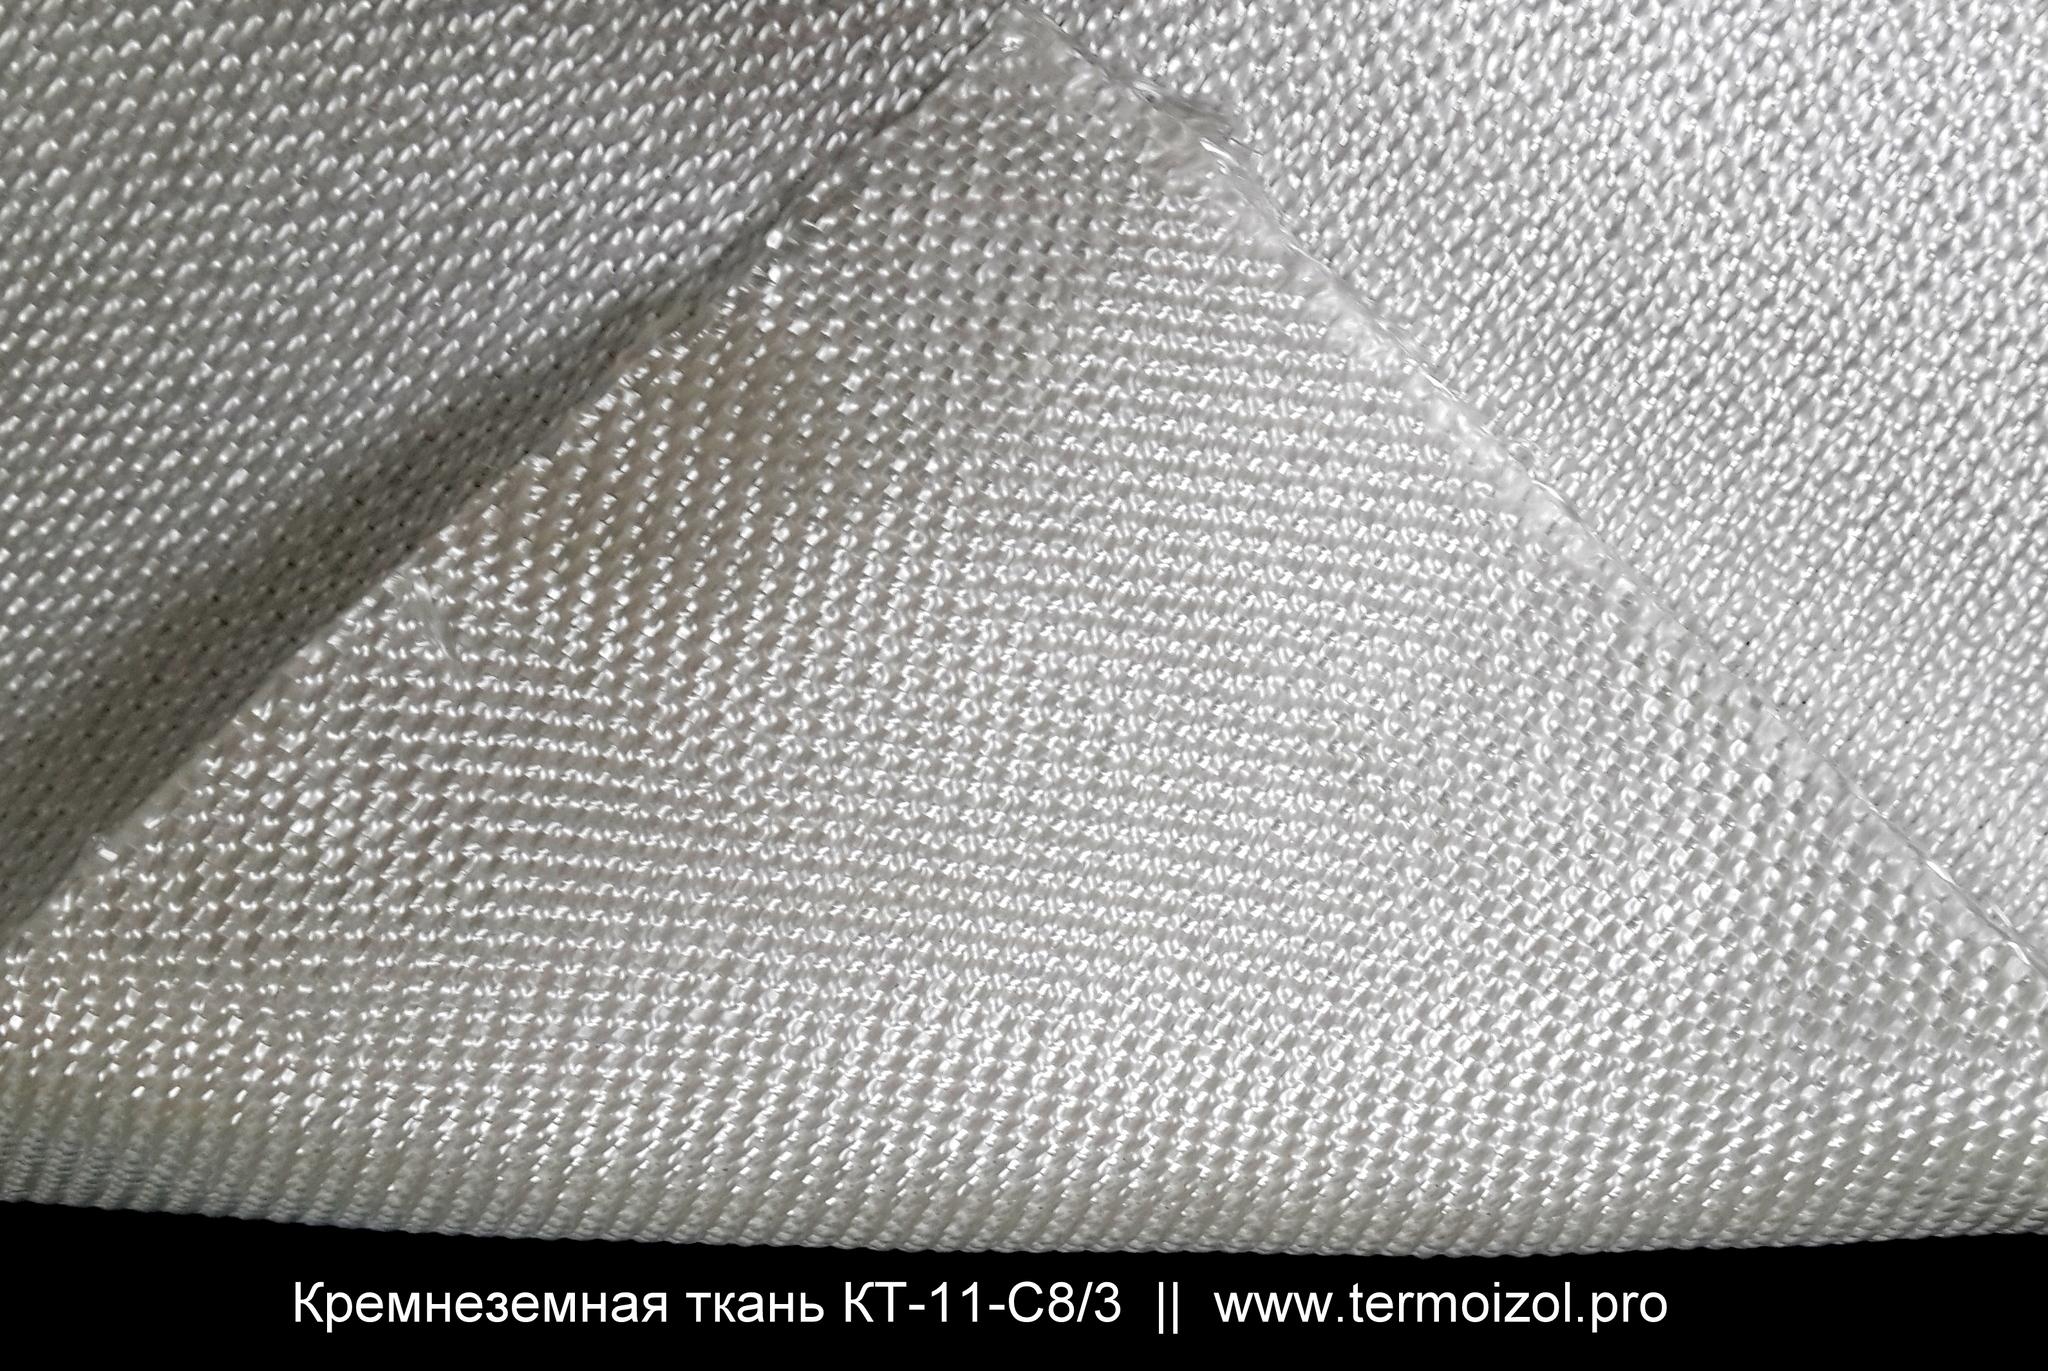 Кремнеземная ткань КТ-11-С8/3